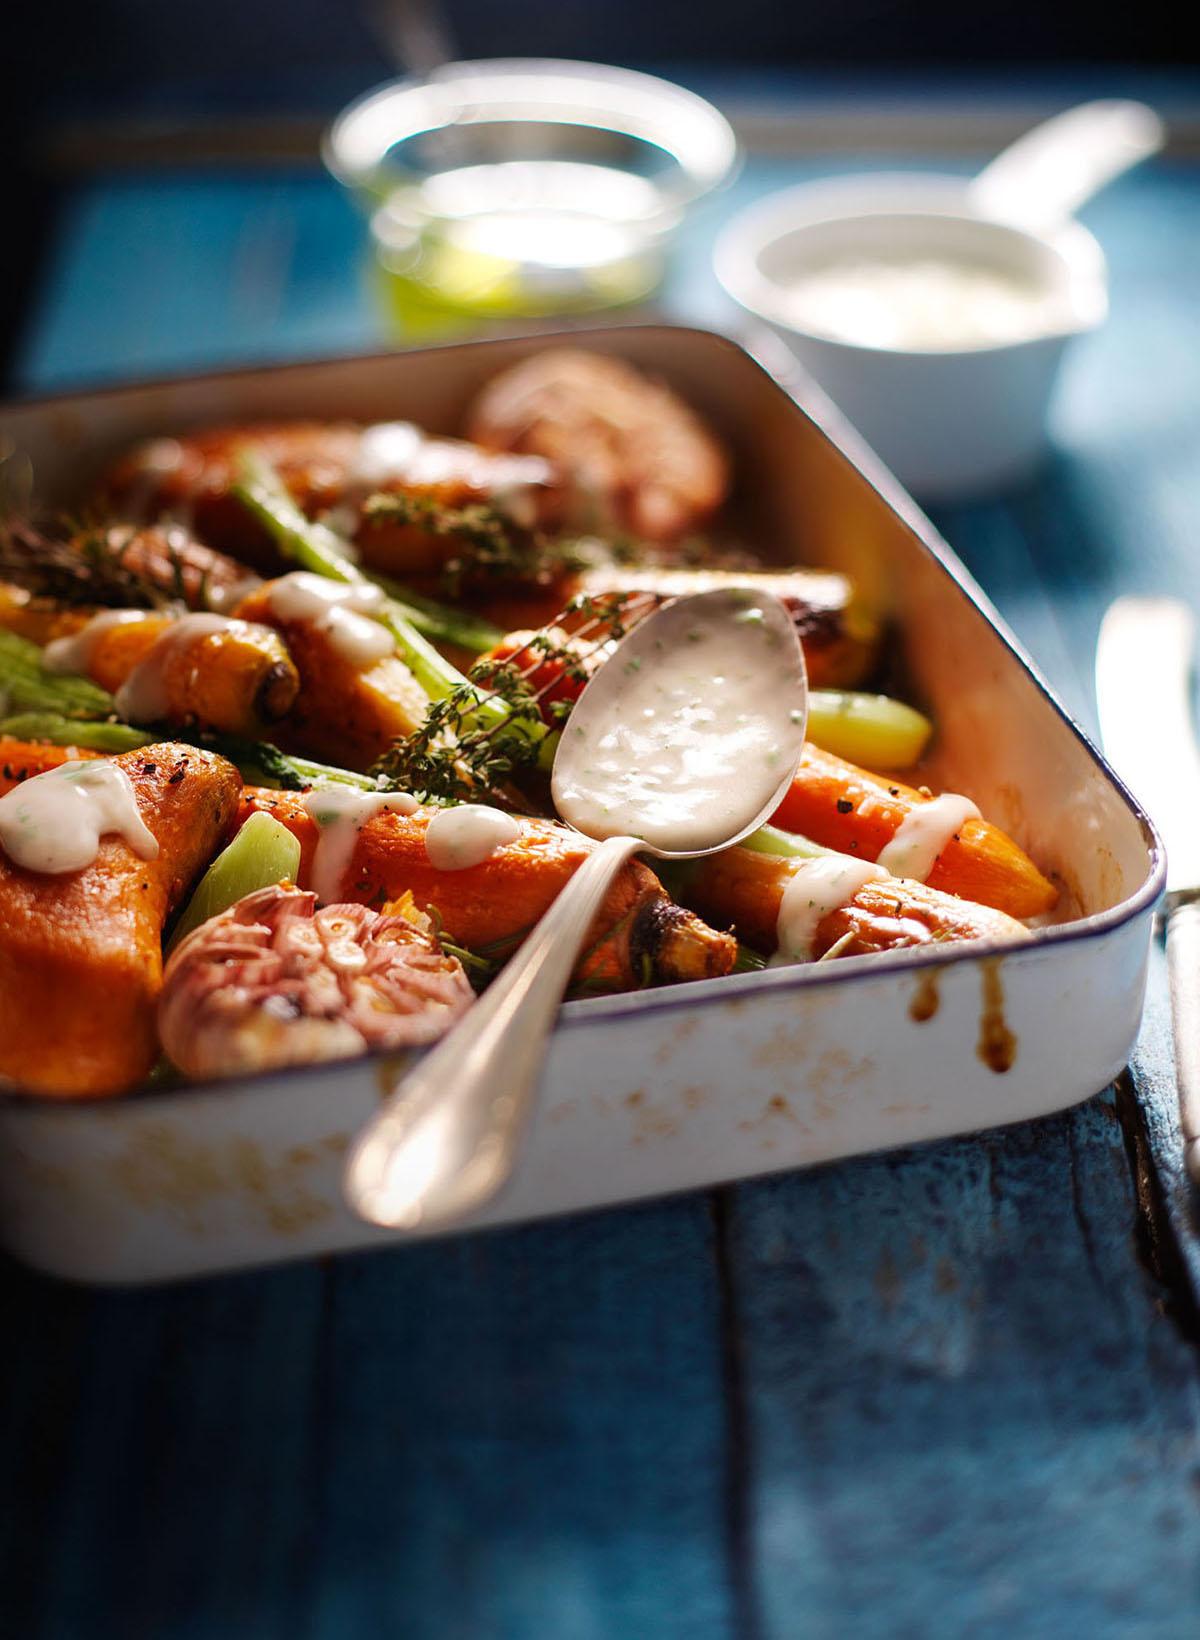 Food styling fotografie van groenten met groentesaus gemaakt door Studio_m Fotografie Amsterdam